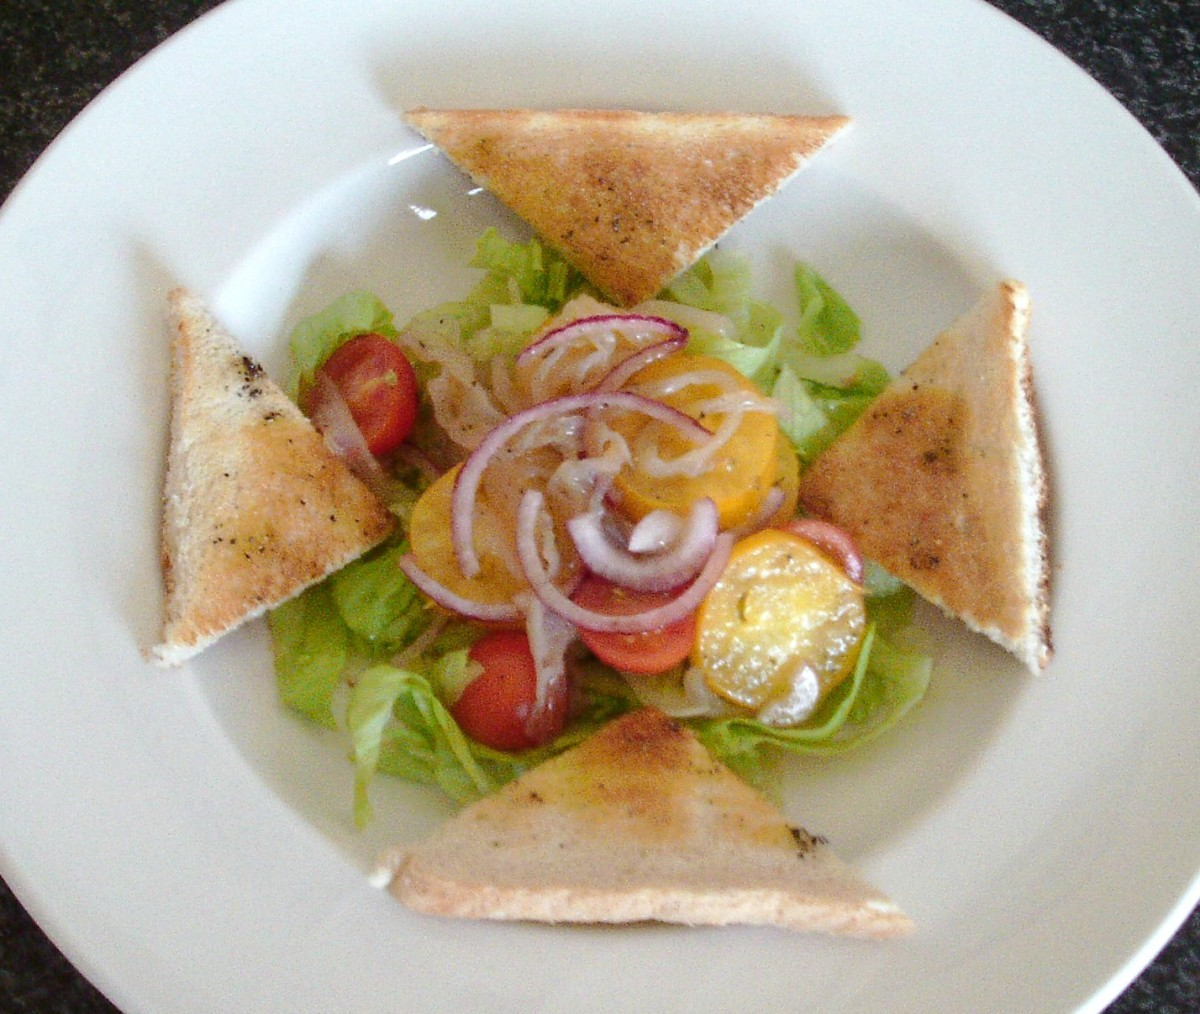 Simple Mediterranean style jellyfish salad with bruschetta